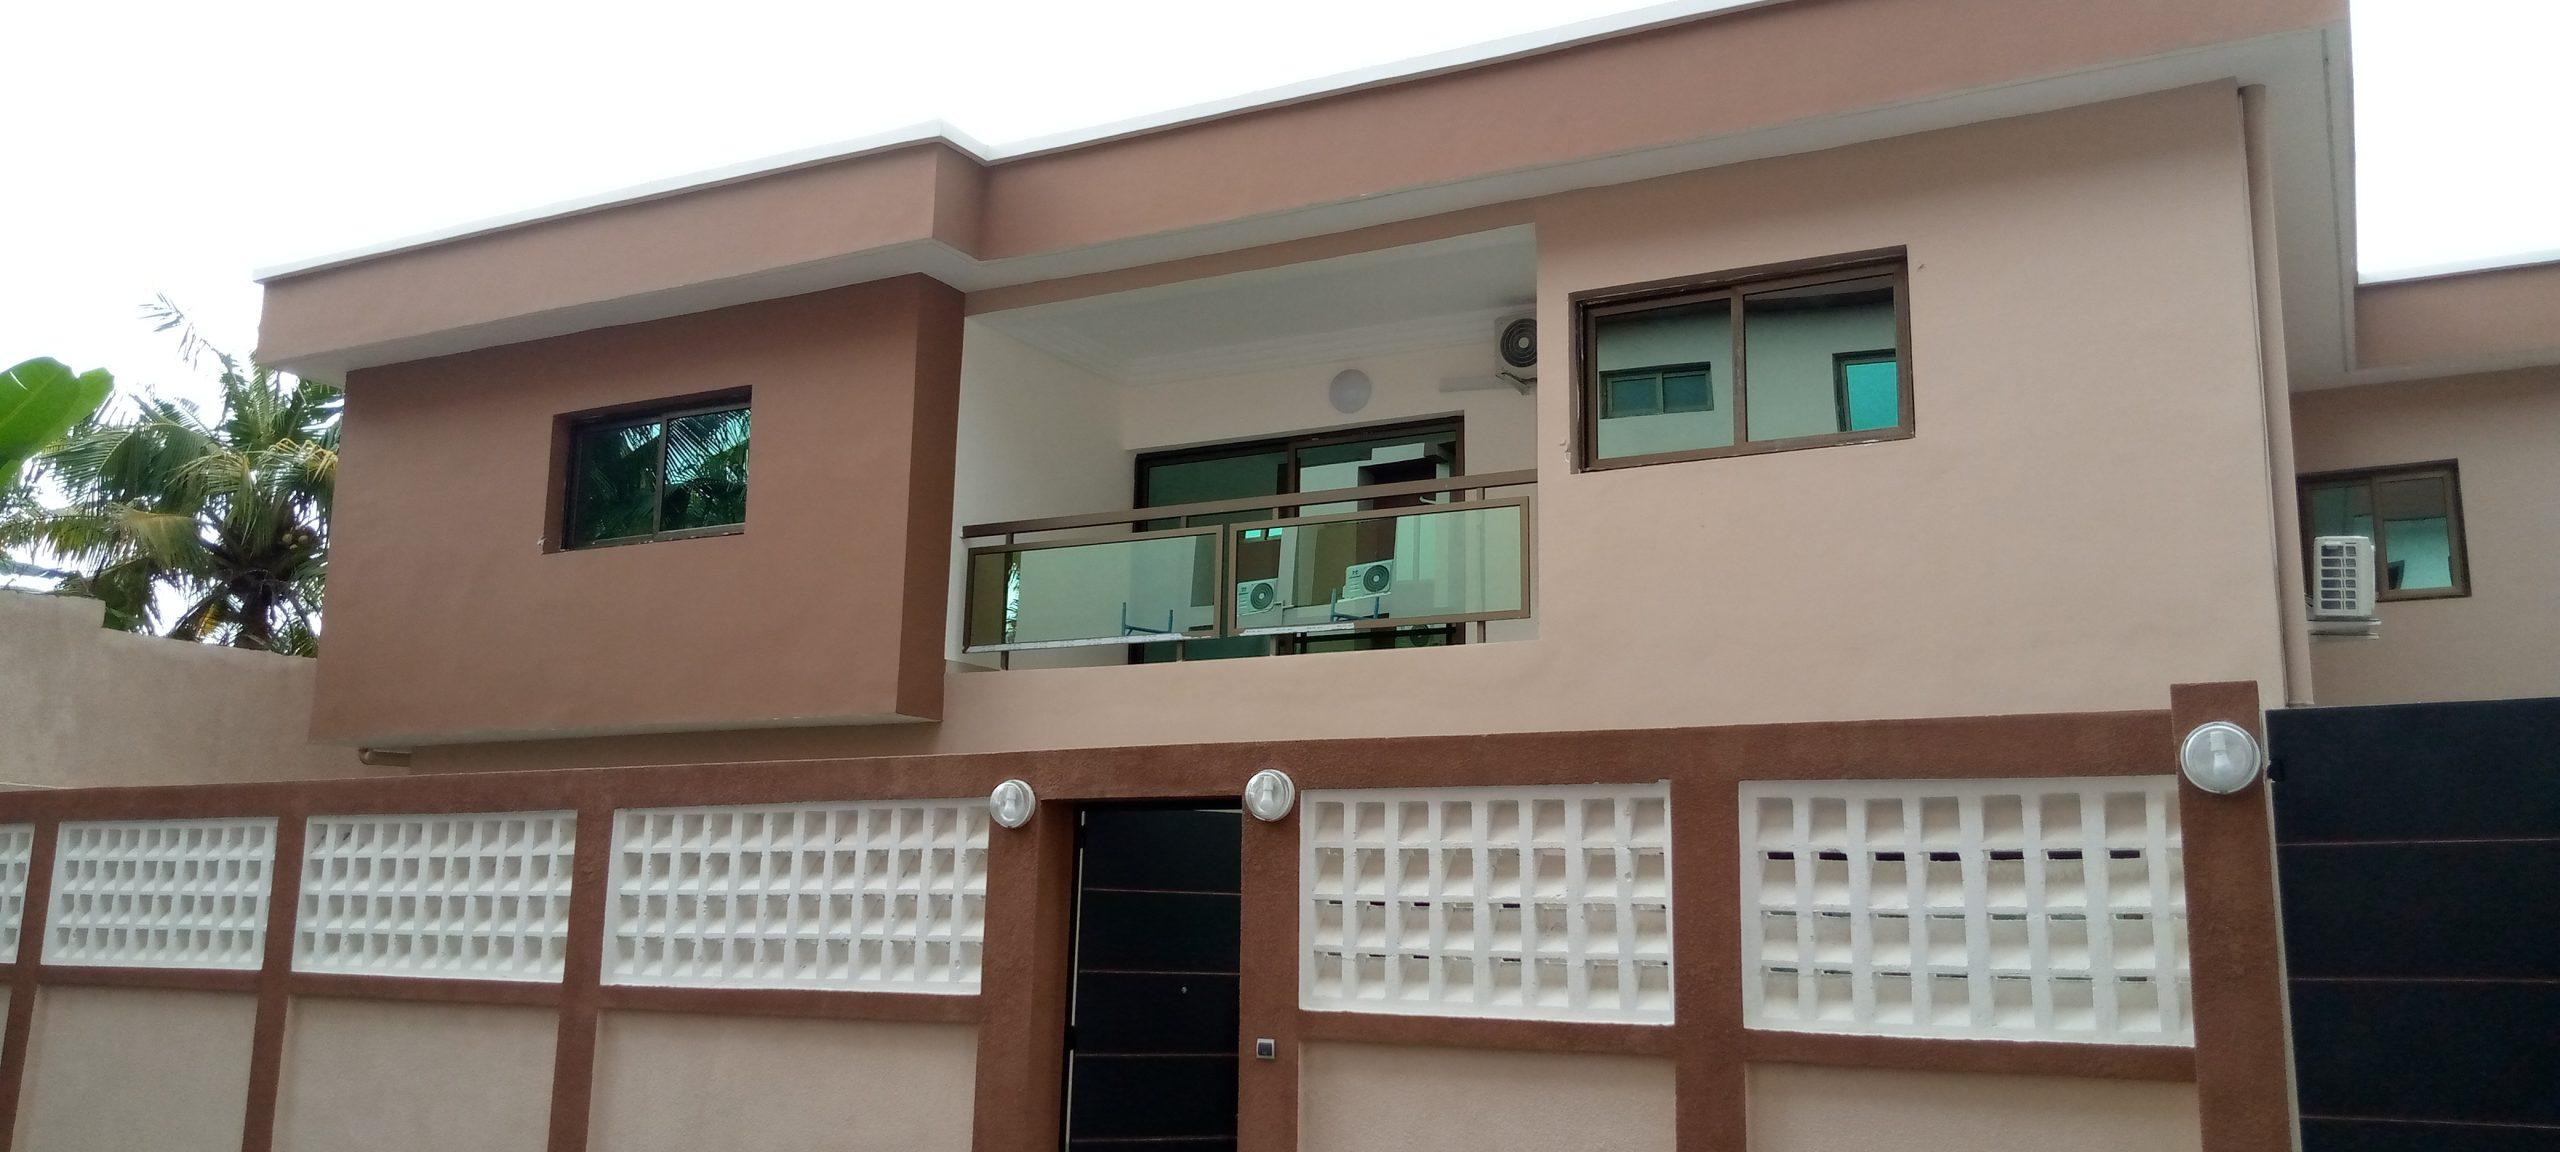 Nouvelle villa en duplex de 6 pièces à Cocody Rivera non loin du lycée français